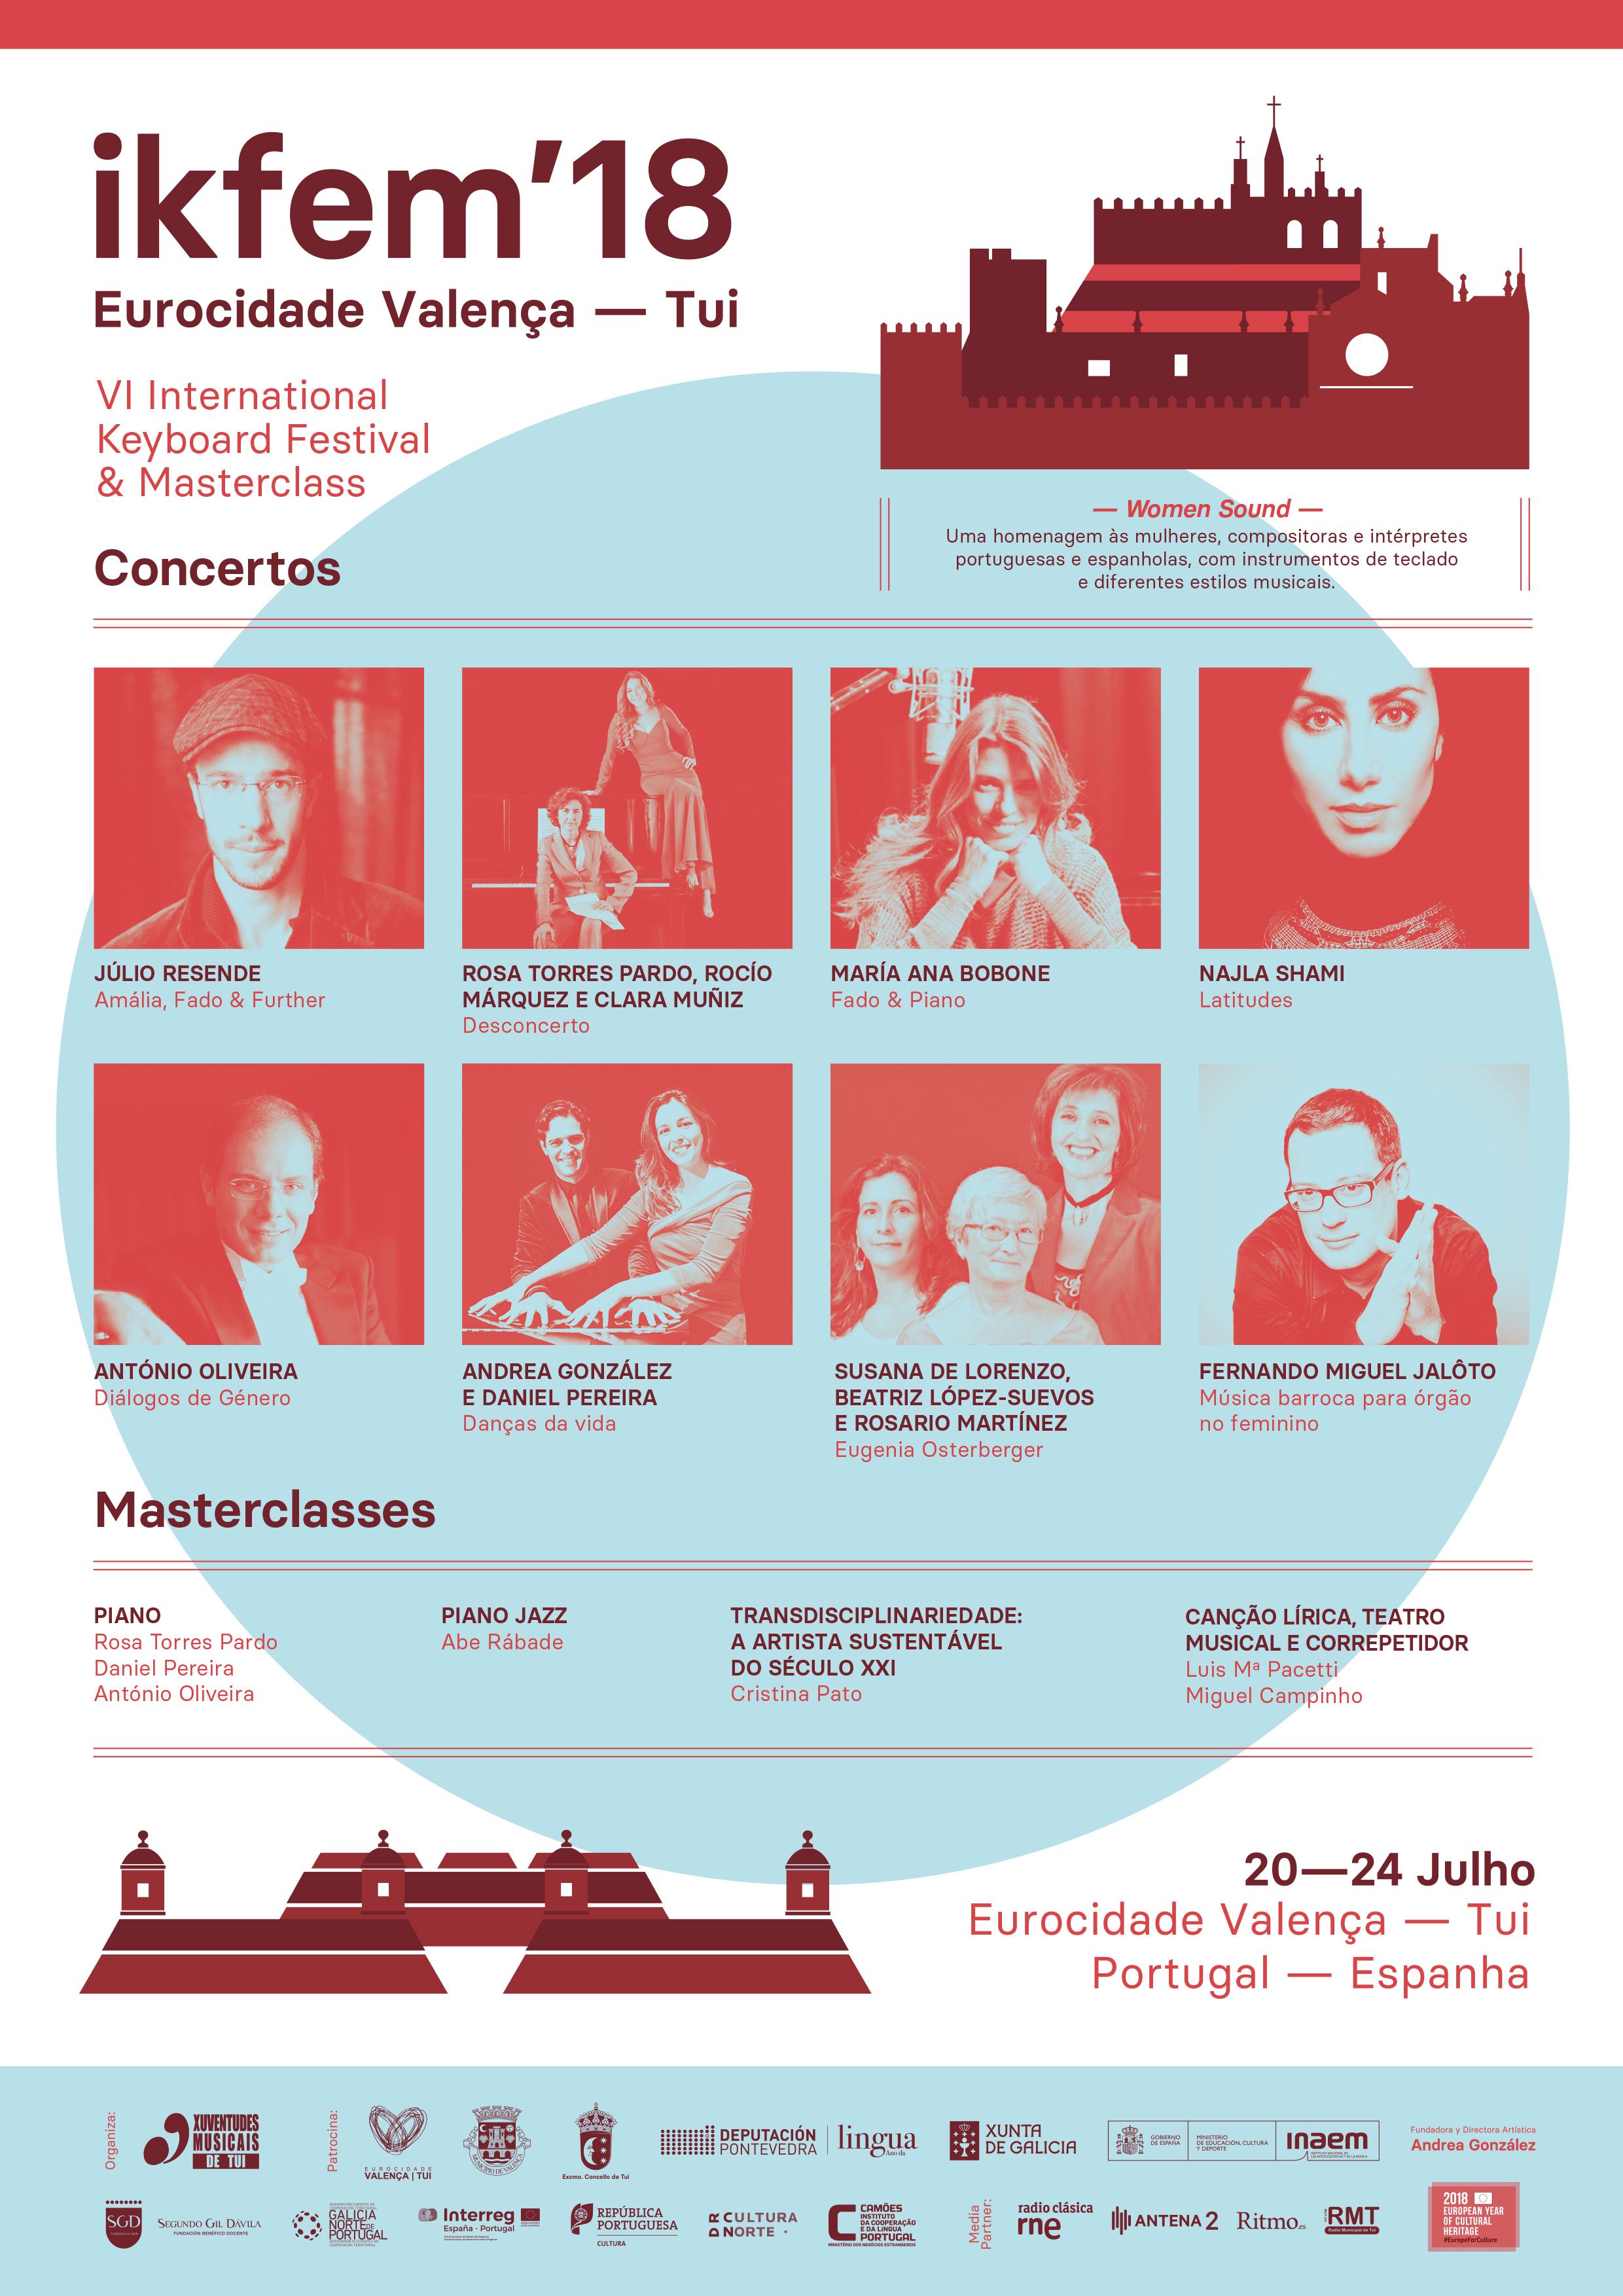 O International Keyboard Festival & Masterclass celébrase entre o 20 e o 24 de xullo